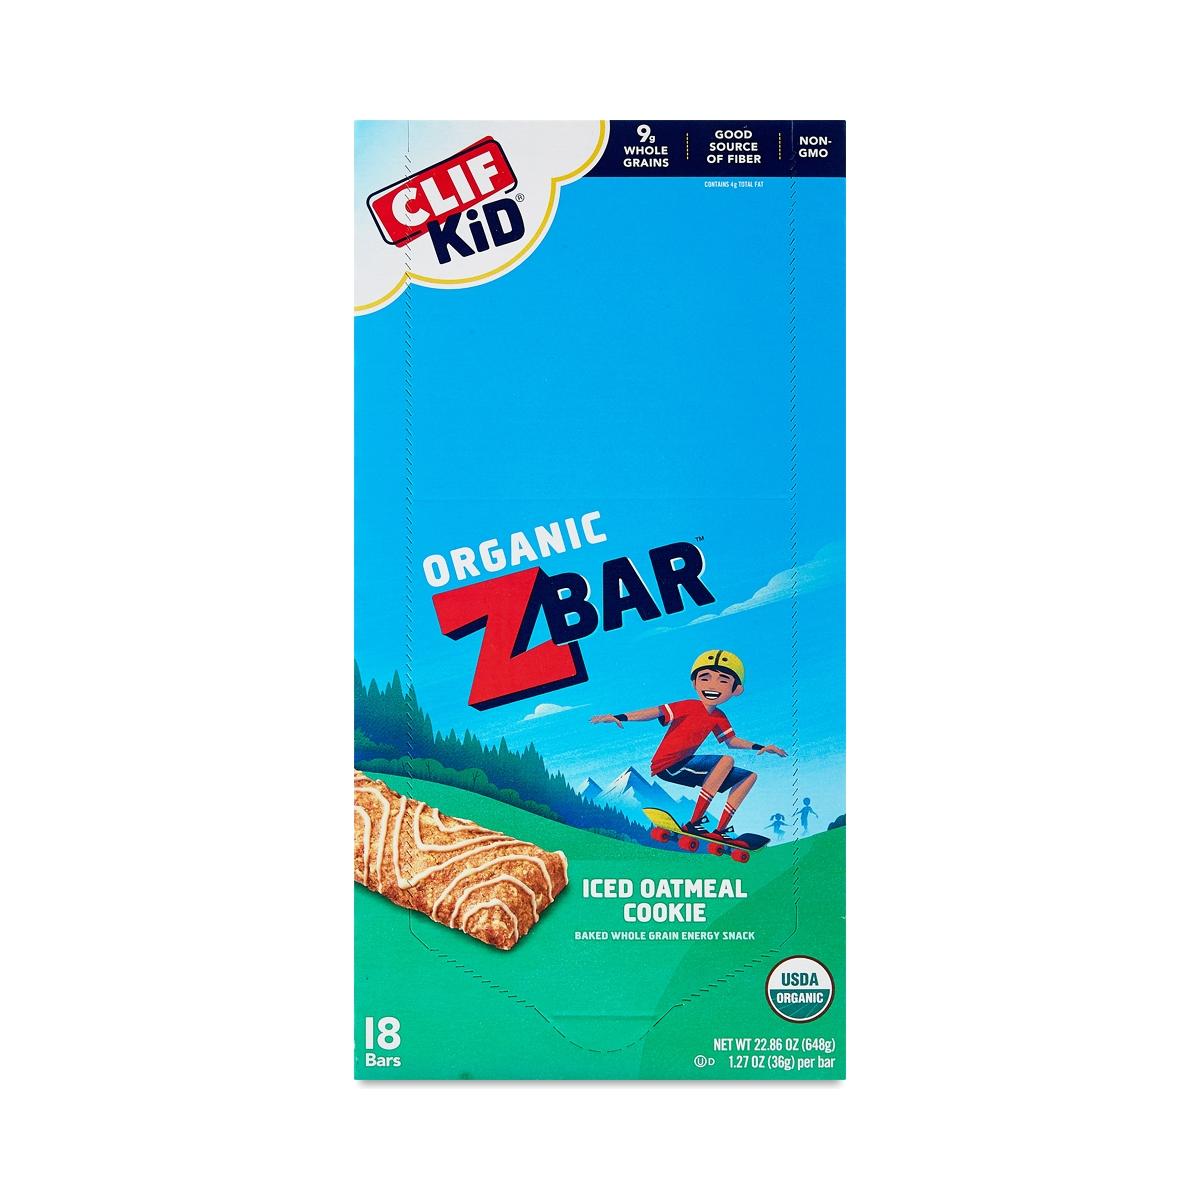 Clif Bar Zbar Iced Oatmeal Cookie  eighteen 1.27 oz bars